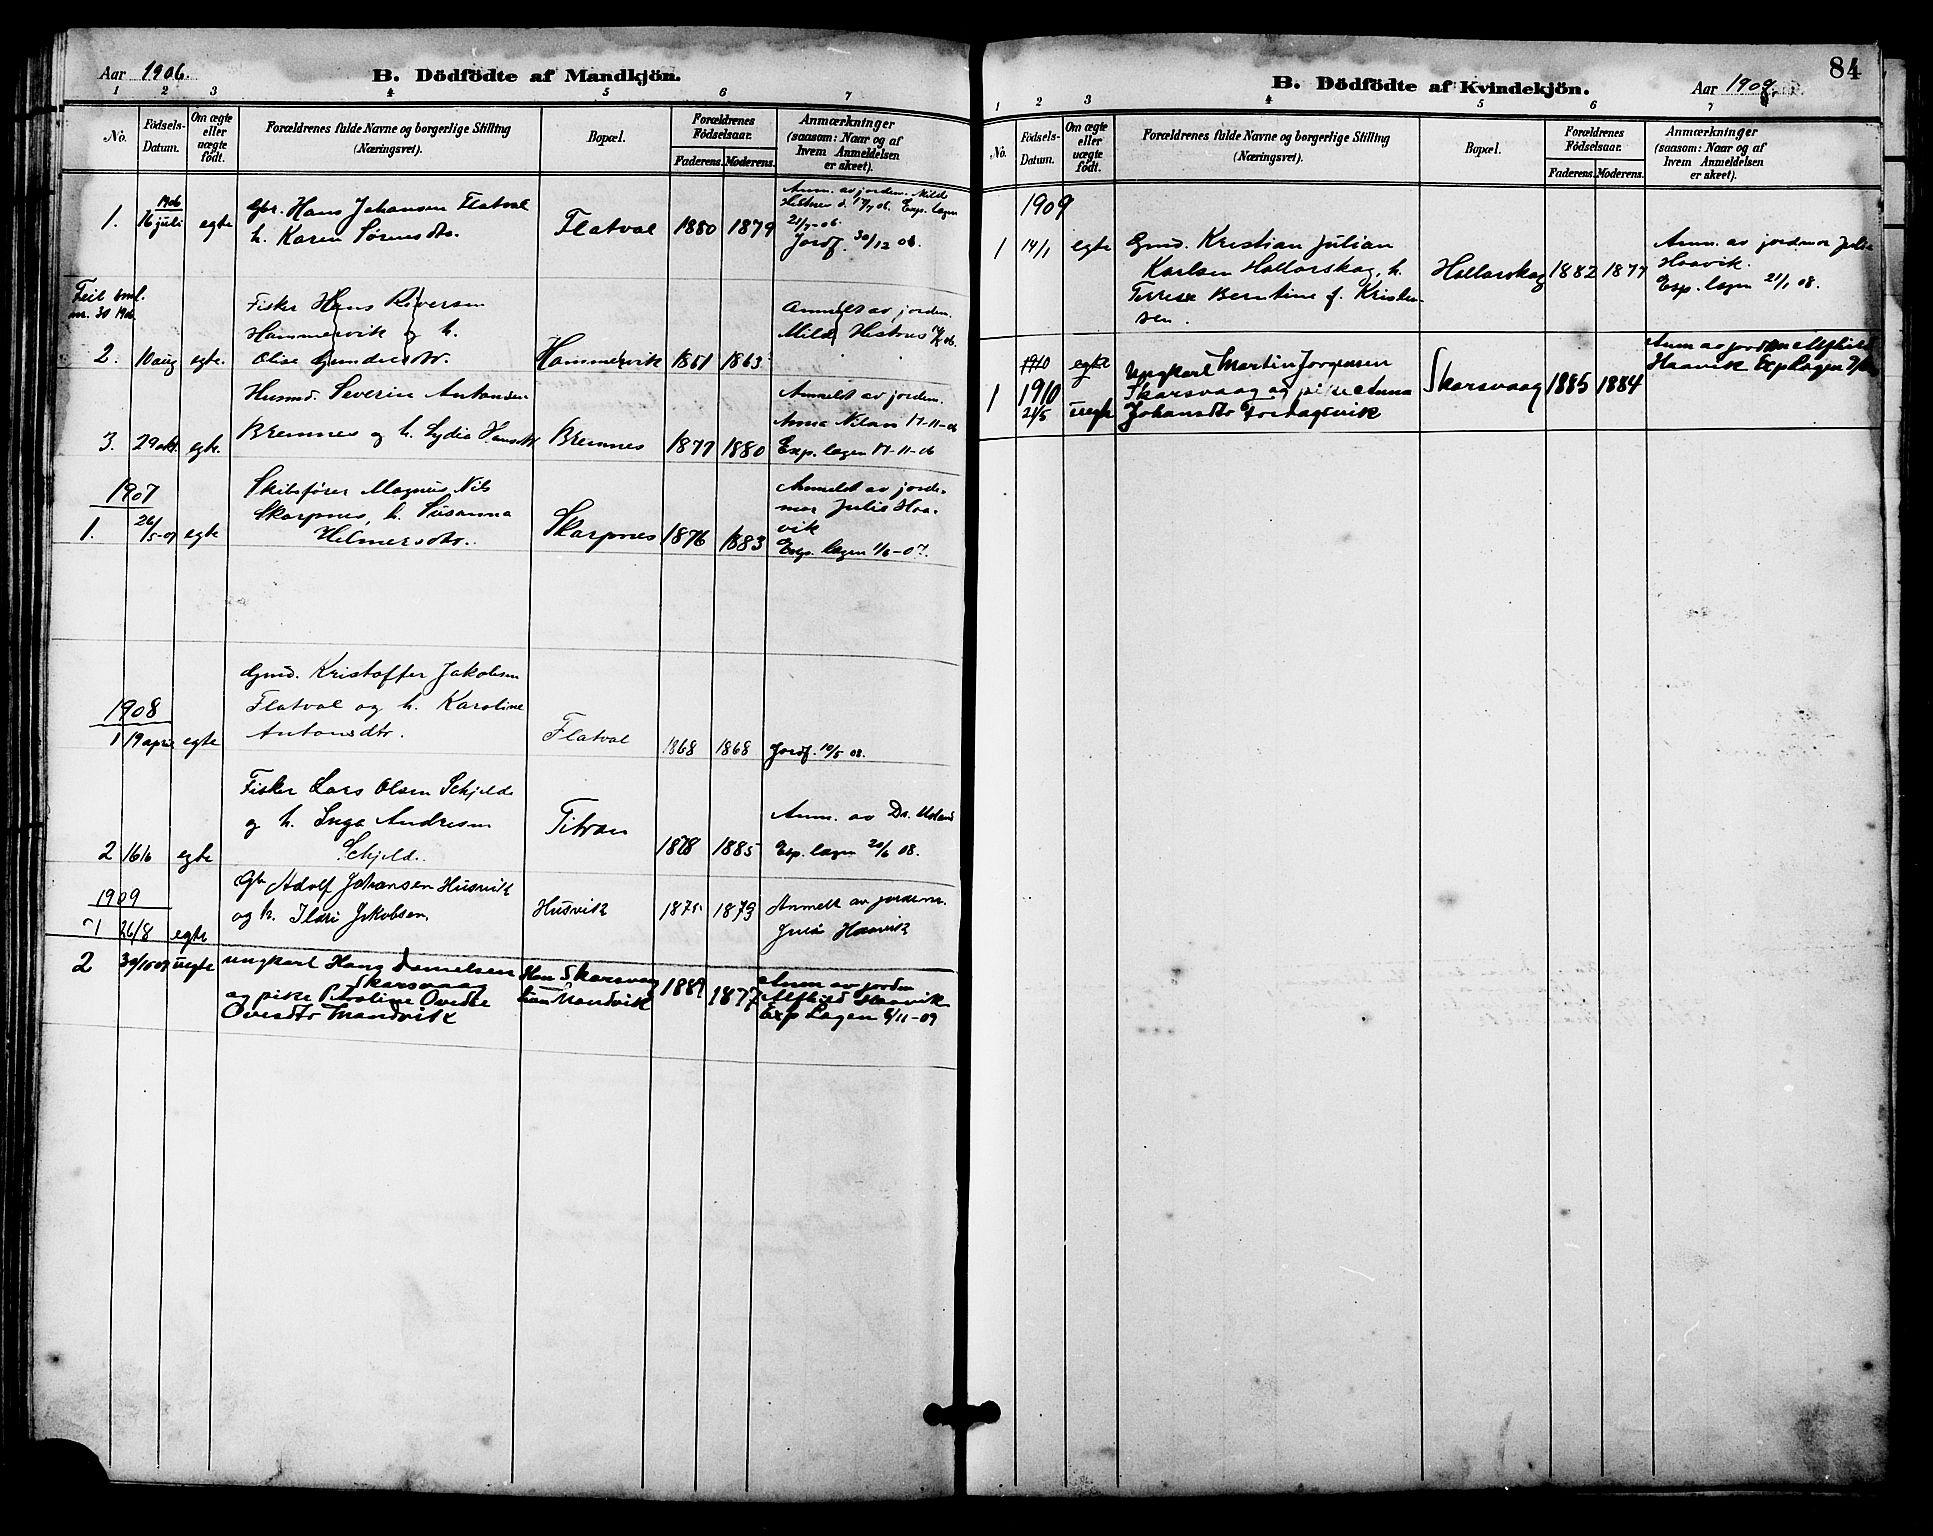 SAT, Ministerialprotokoller, klokkerbøker og fødselsregistre - Sør-Trøndelag, 641/L0598: Klokkerbok nr. 641C02, 1893-1910, s. 84